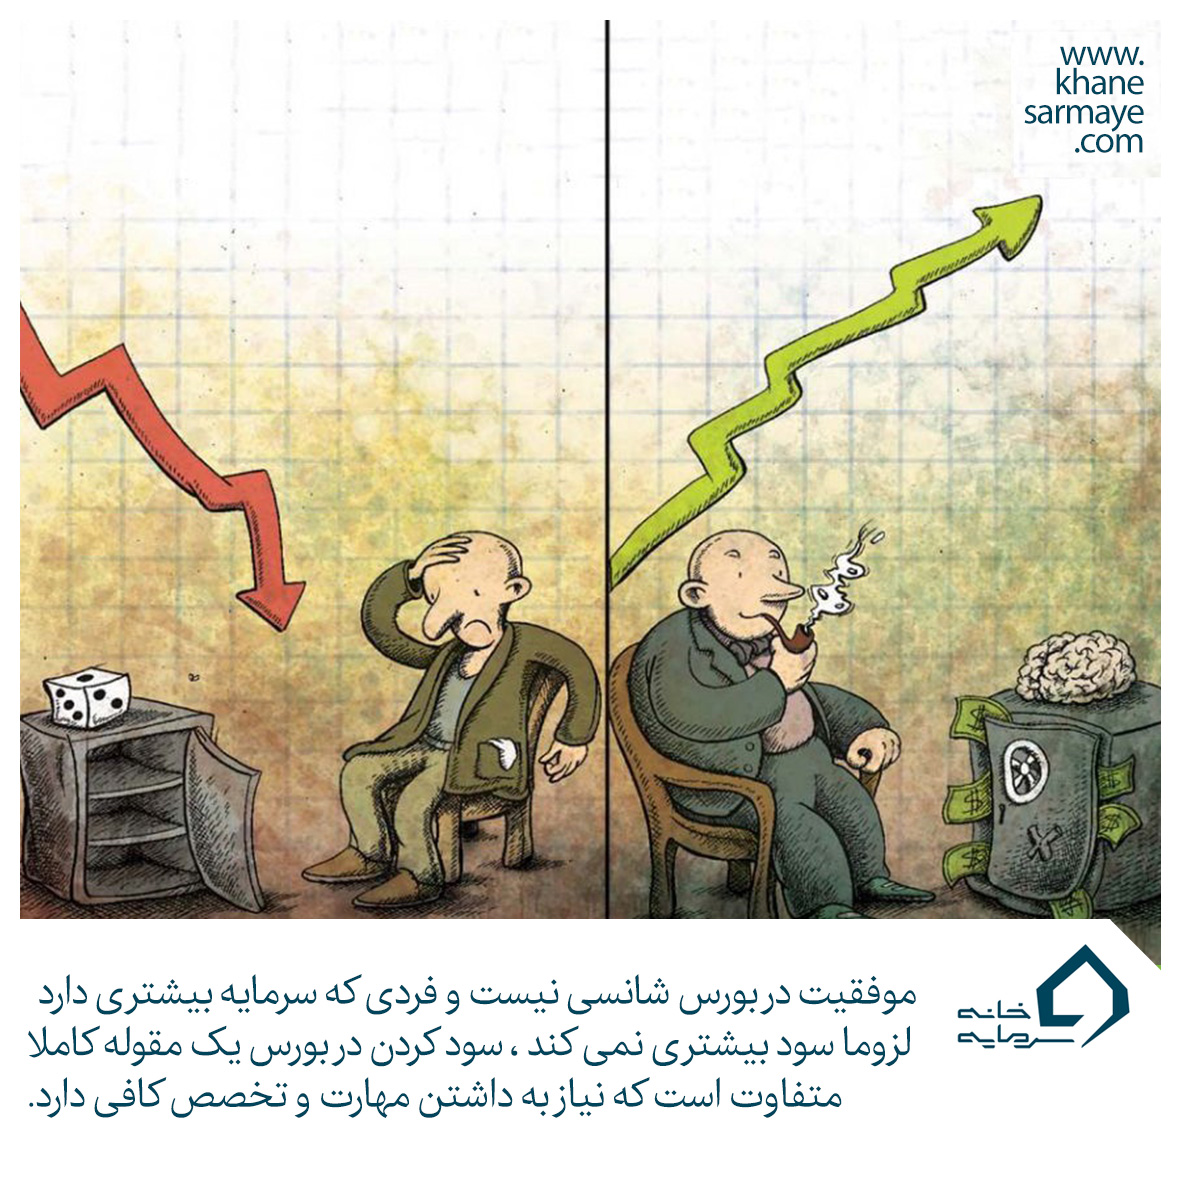 حداقل سرمایه گذاری در بورس و خرید سهام